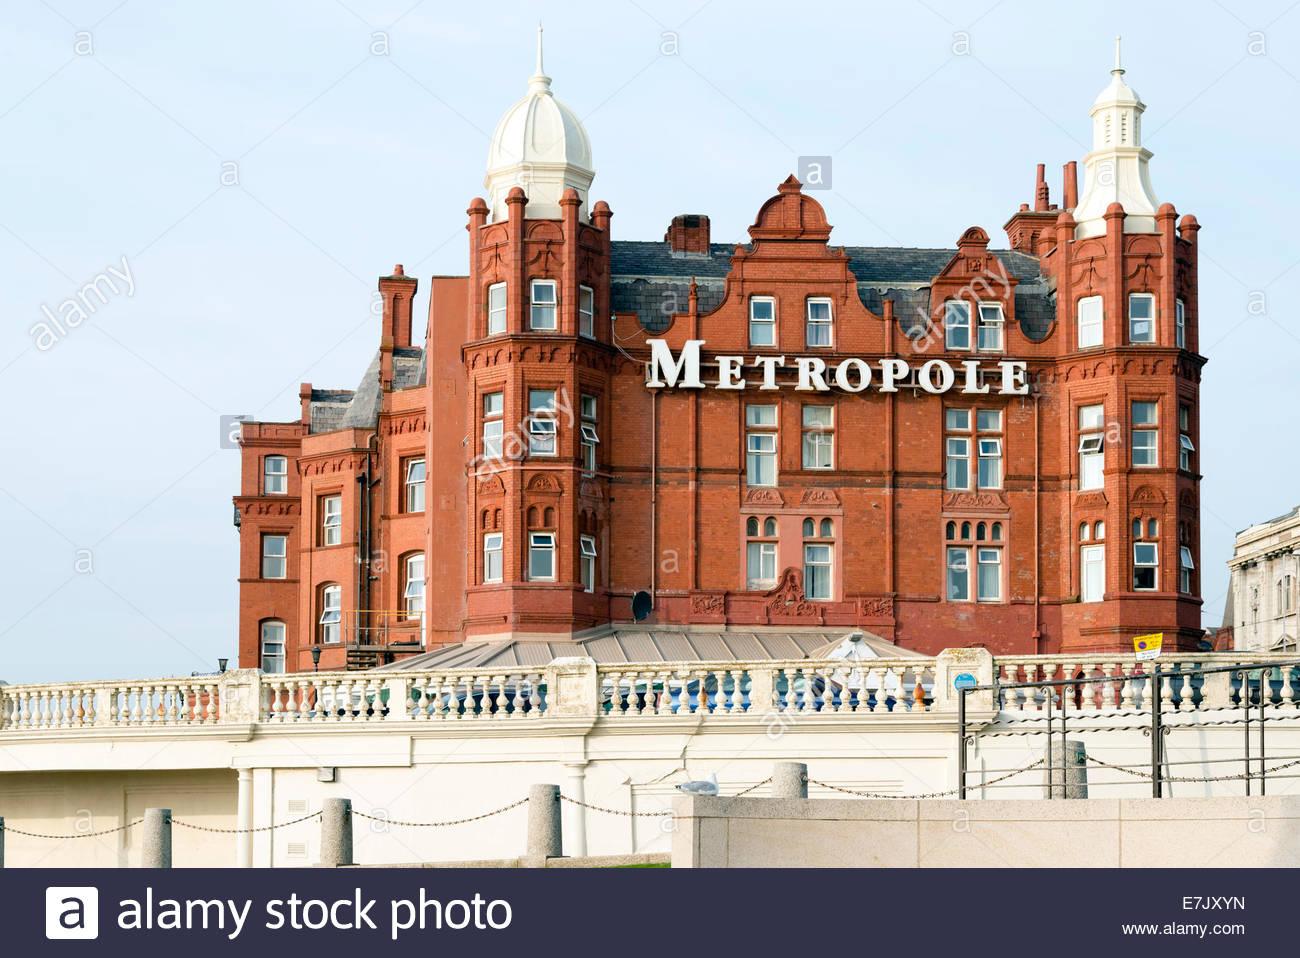 Metropole hotel, Blackpool, Lancashire, UK. - Stock Image